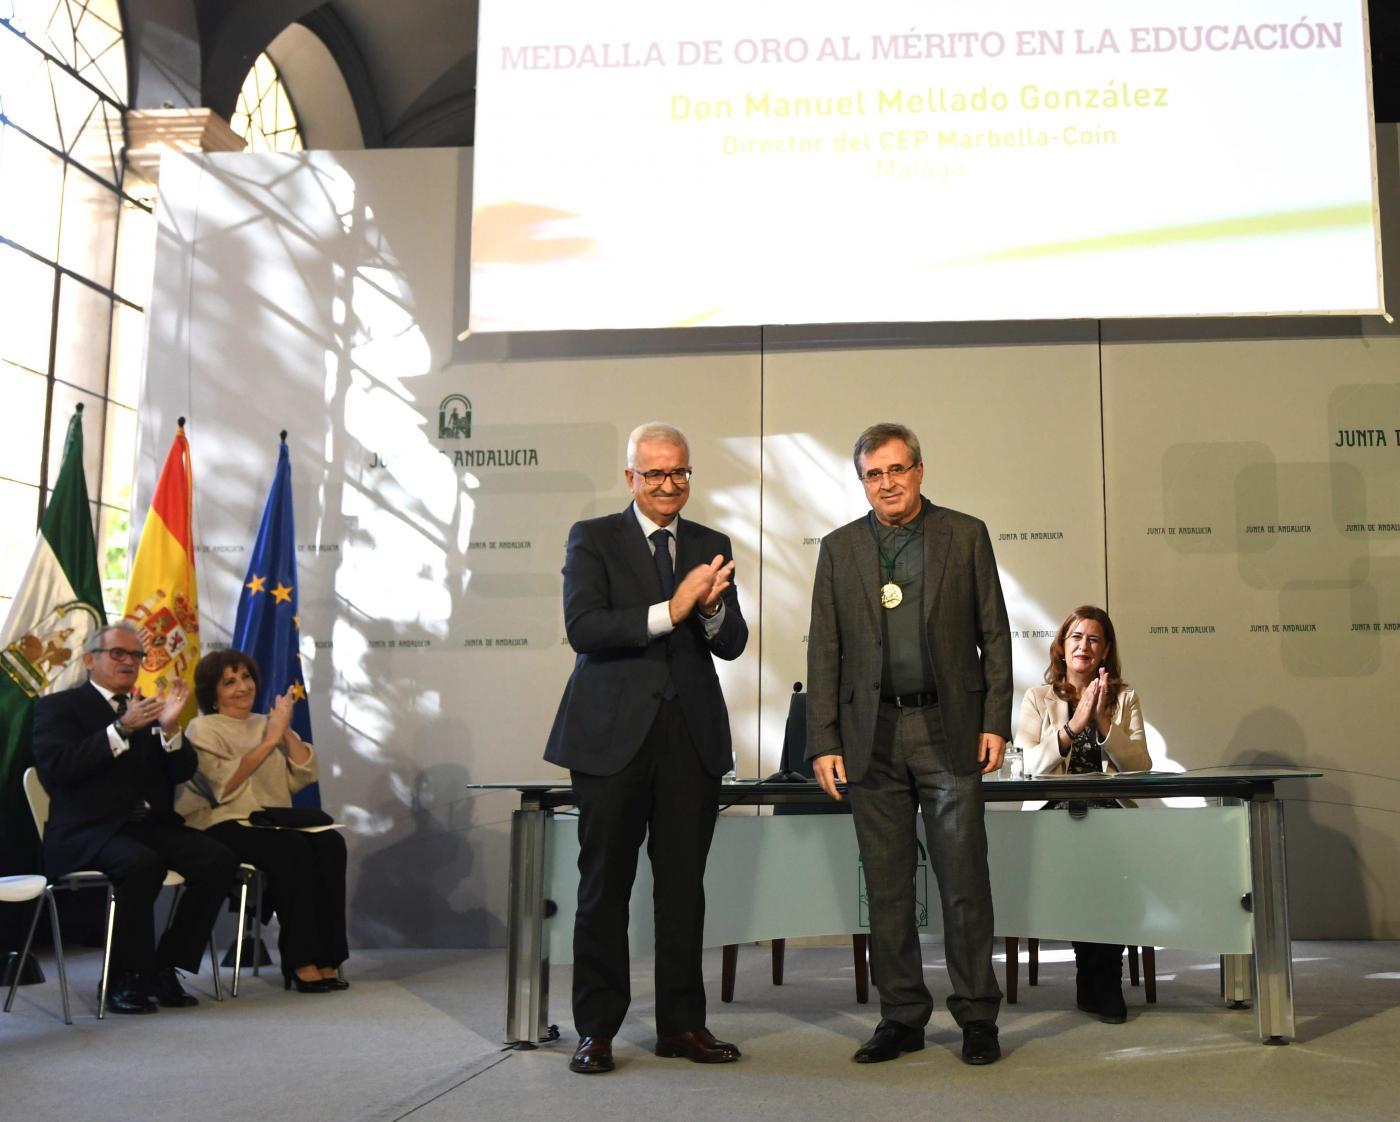 -mellado-director-del-cep-marbella-con-premio-al-mrito-en-educacin